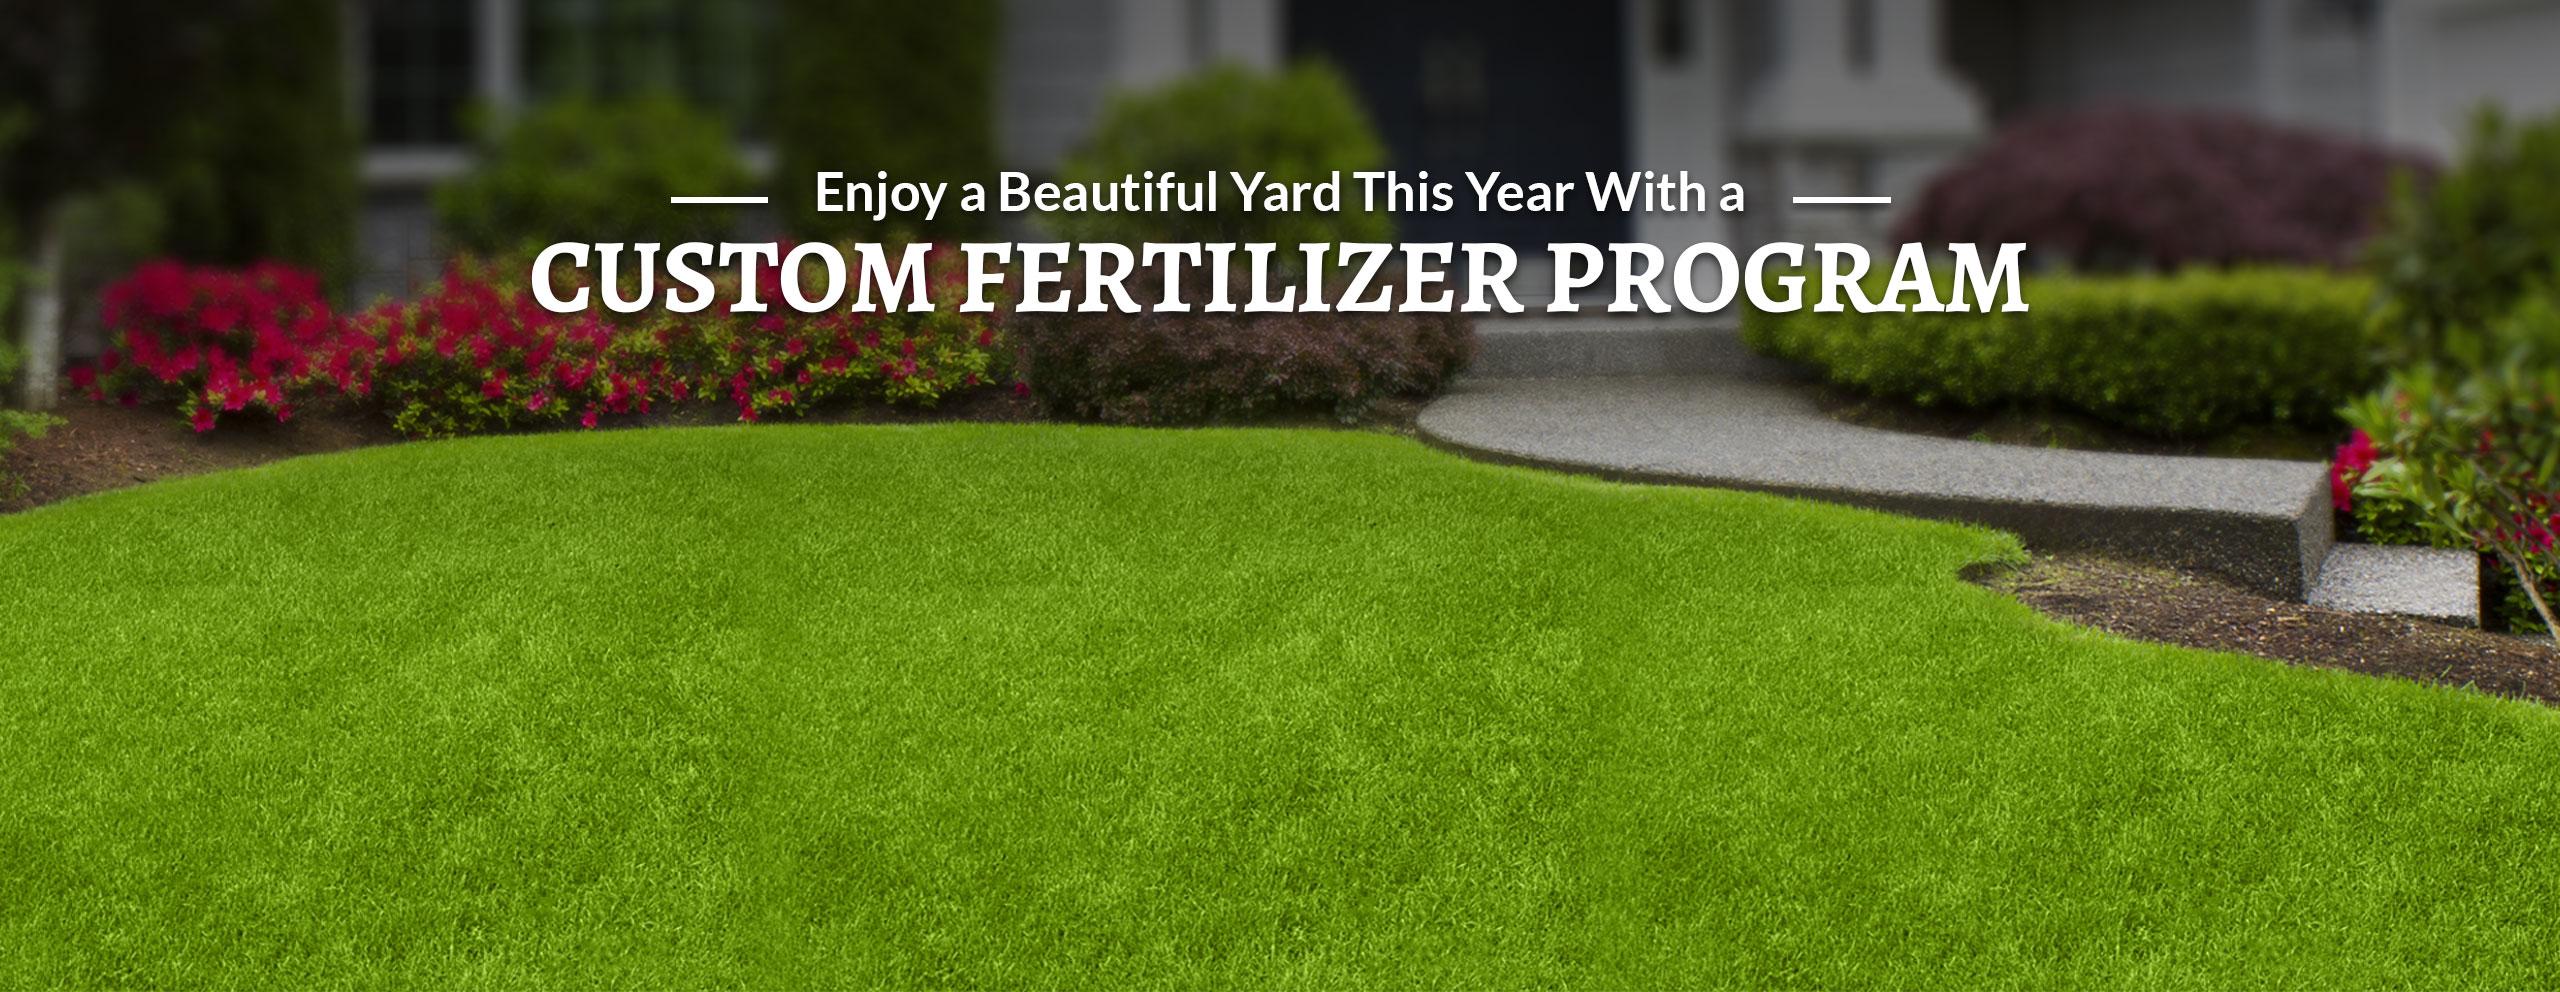 slide-01-enjoy-a-beautiful-yard-this-year-with-a-custom-fertilizer-program